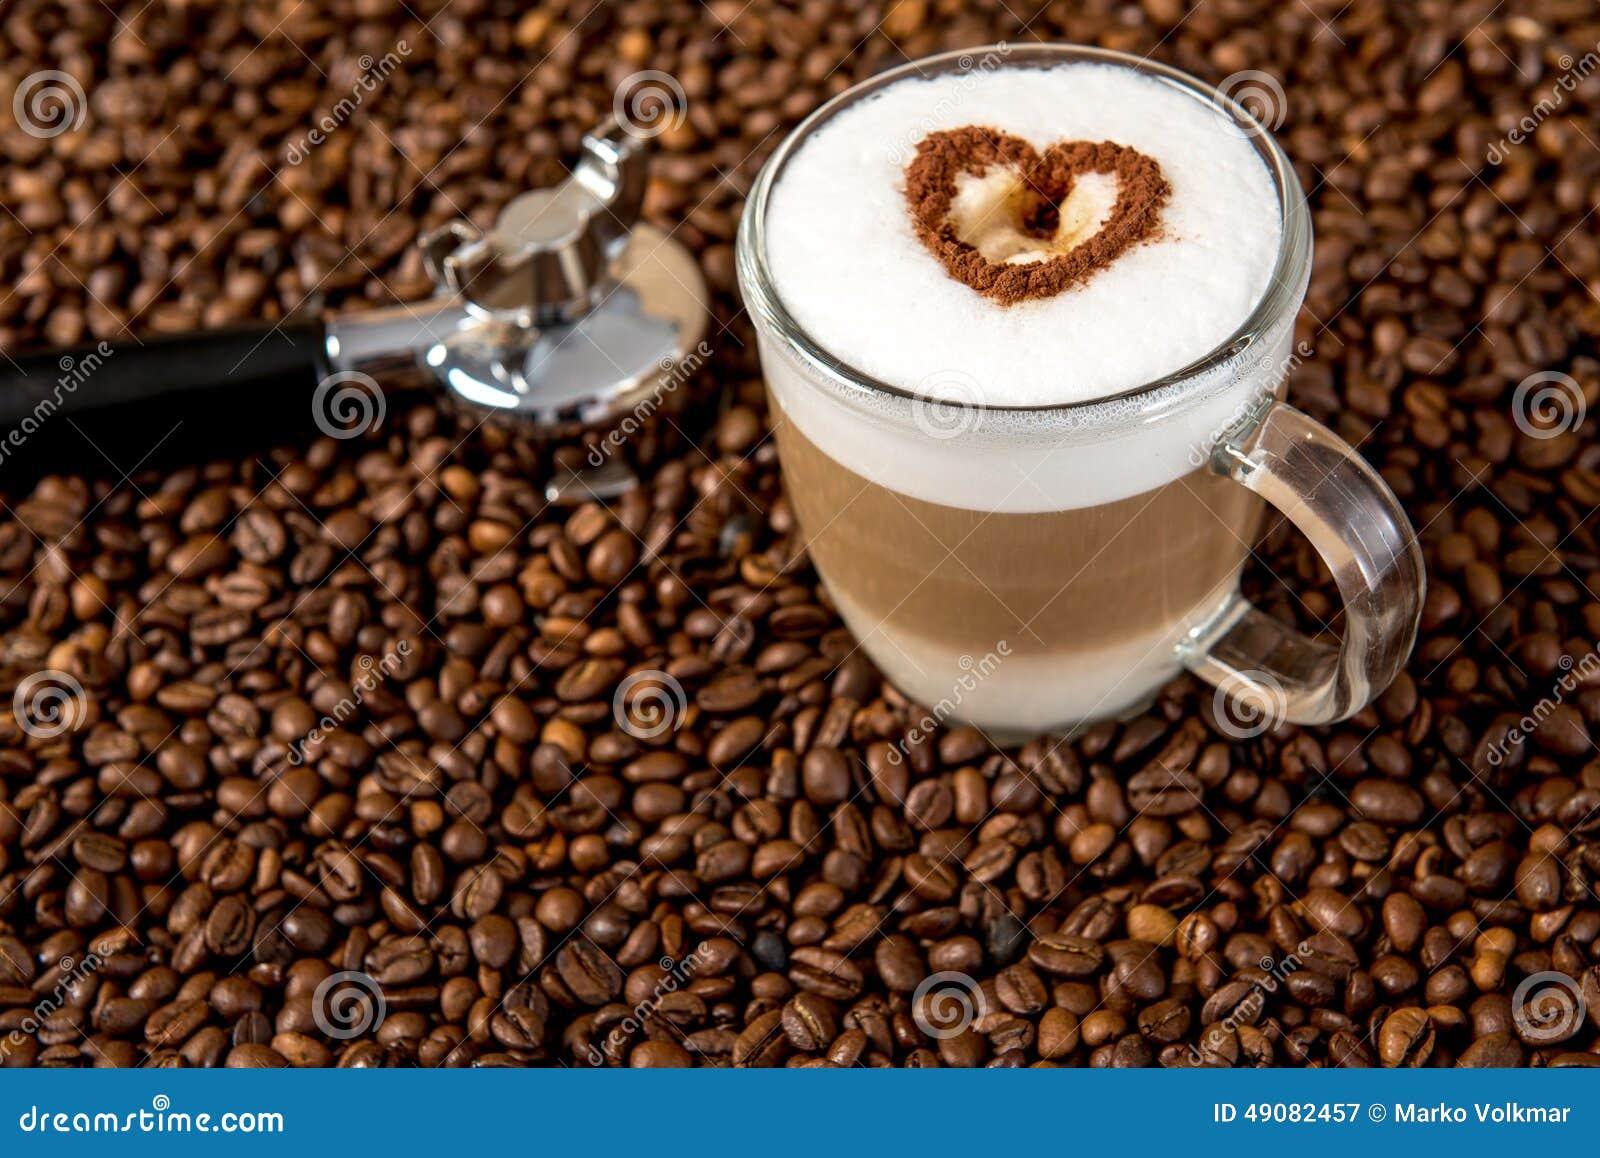 latte macchiato mit herzen stockbild bild von bohne 49082457. Black Bedroom Furniture Sets. Home Design Ideas